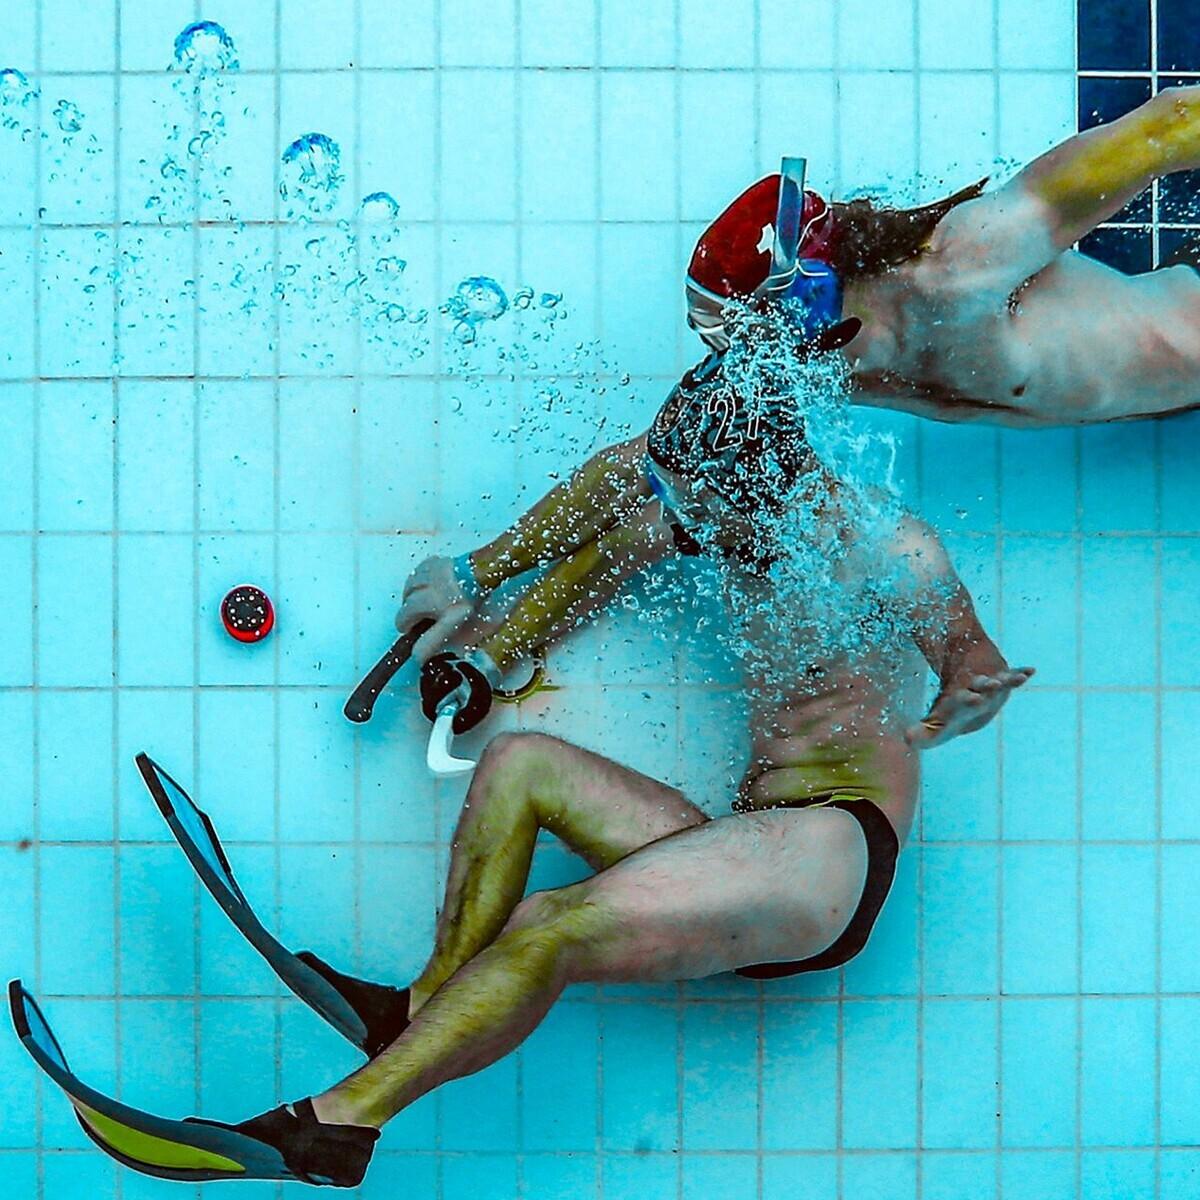 Olimpik Spor Yüzme Kulübü'nden Sualtı Hokeyi Eğitimi